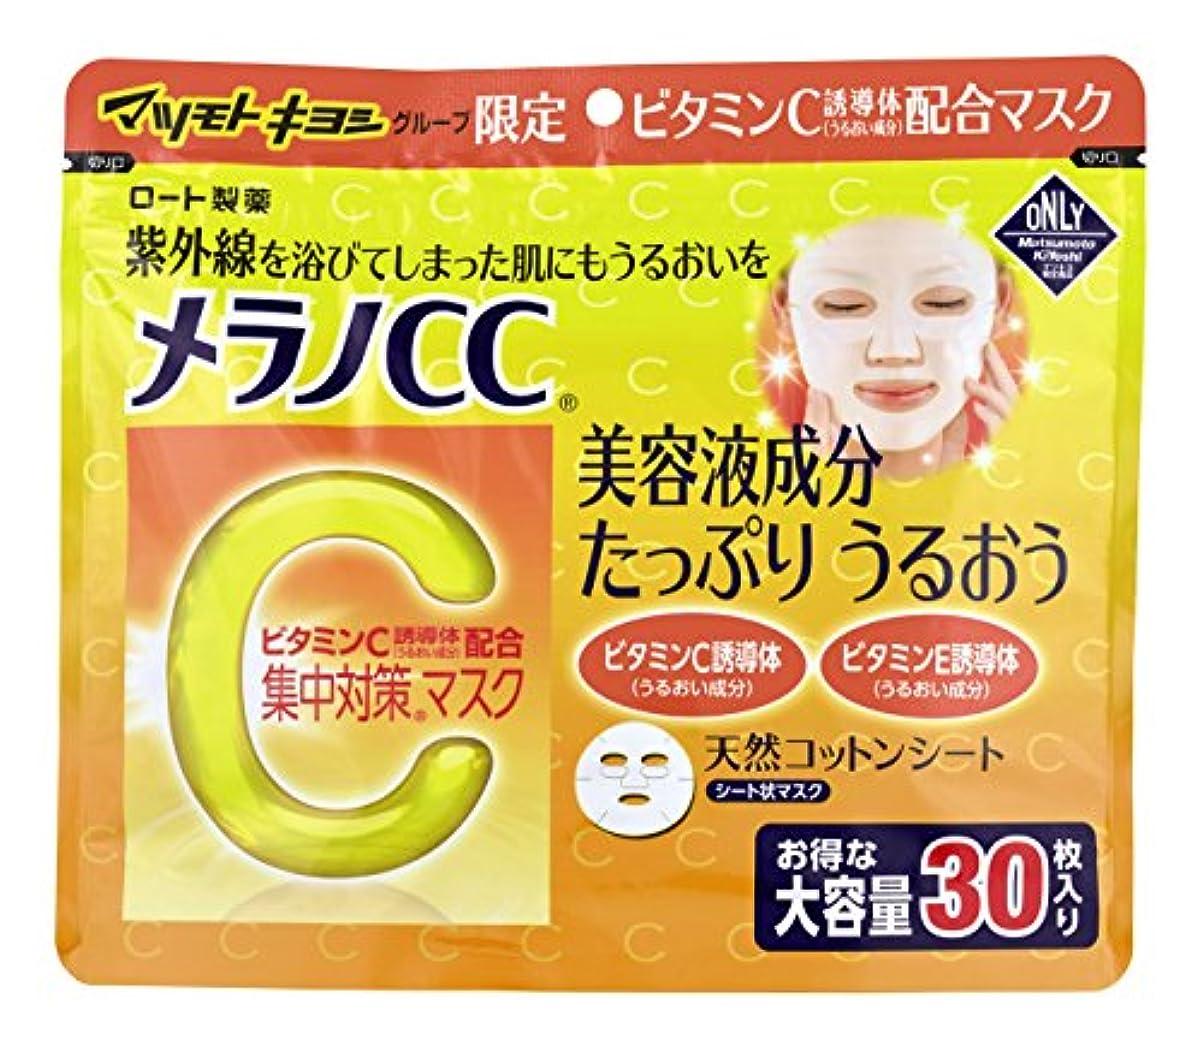 スラッシュ誤解させる安心ロート製薬 メラノCC 集中対策マスク 大容量 30枚